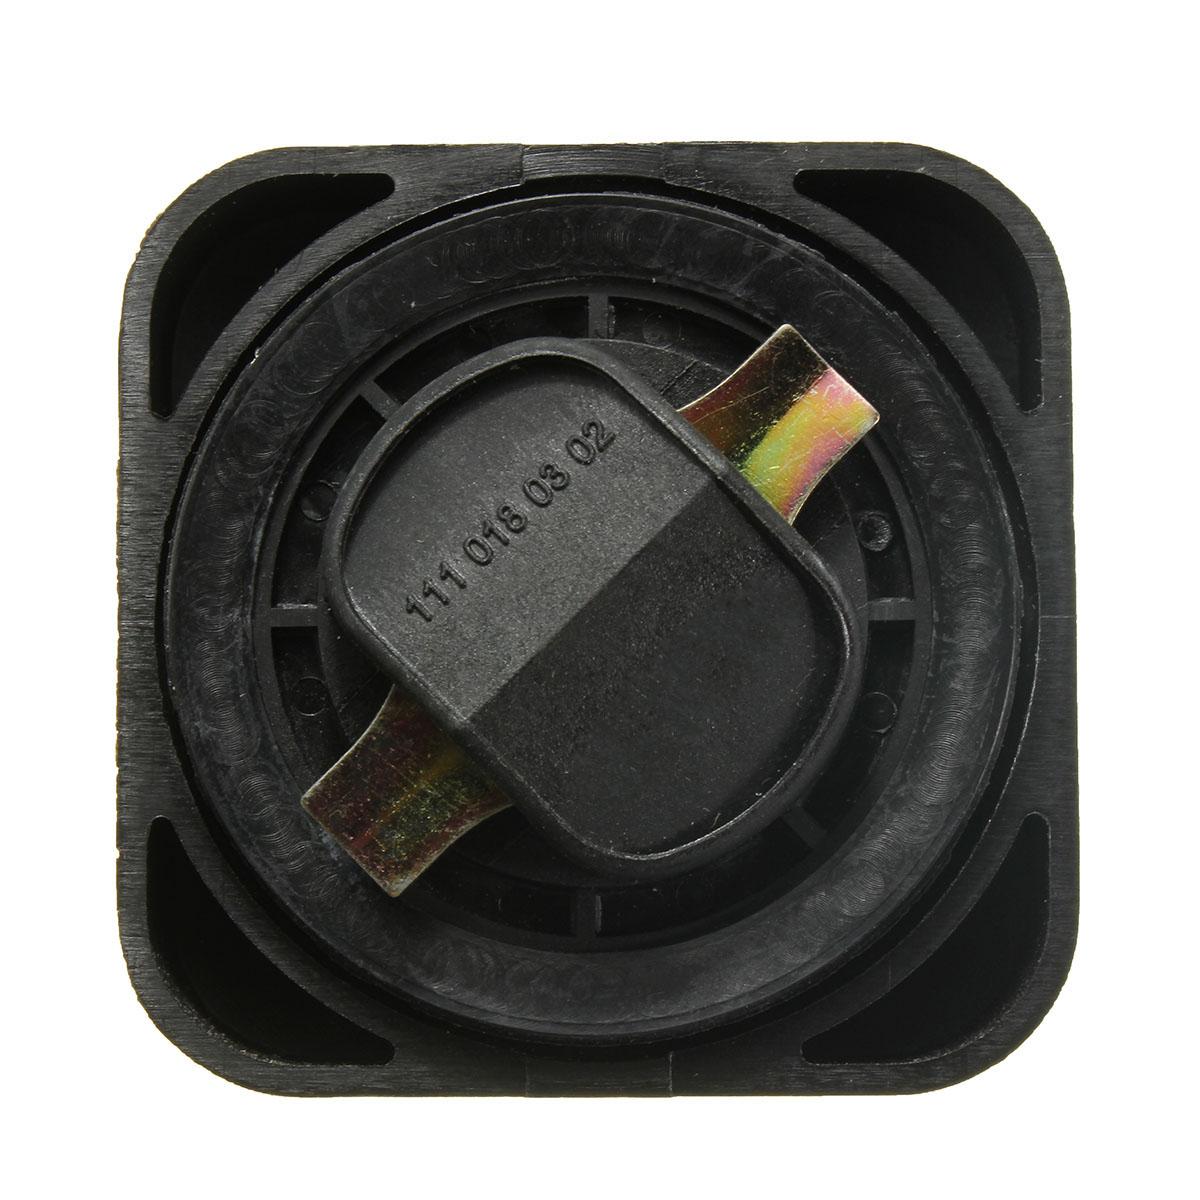 Black Engine Oil Filter Cap For Bmw 3 Series E36 E46 E90